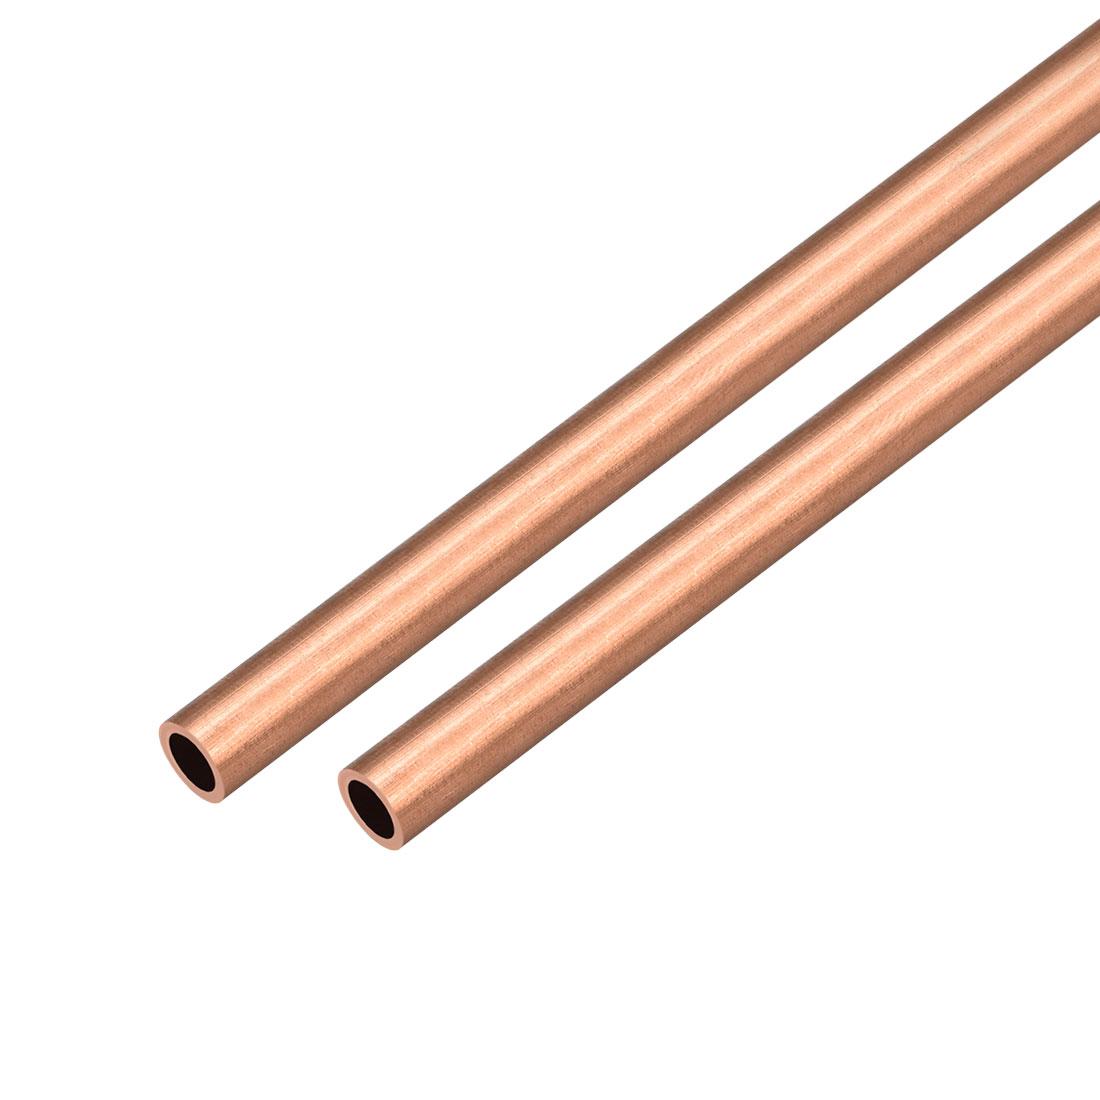 2Pcs 9mm Outside Diameter x 6mm Inside Diameter 500mm Copper Round Tube Pipe